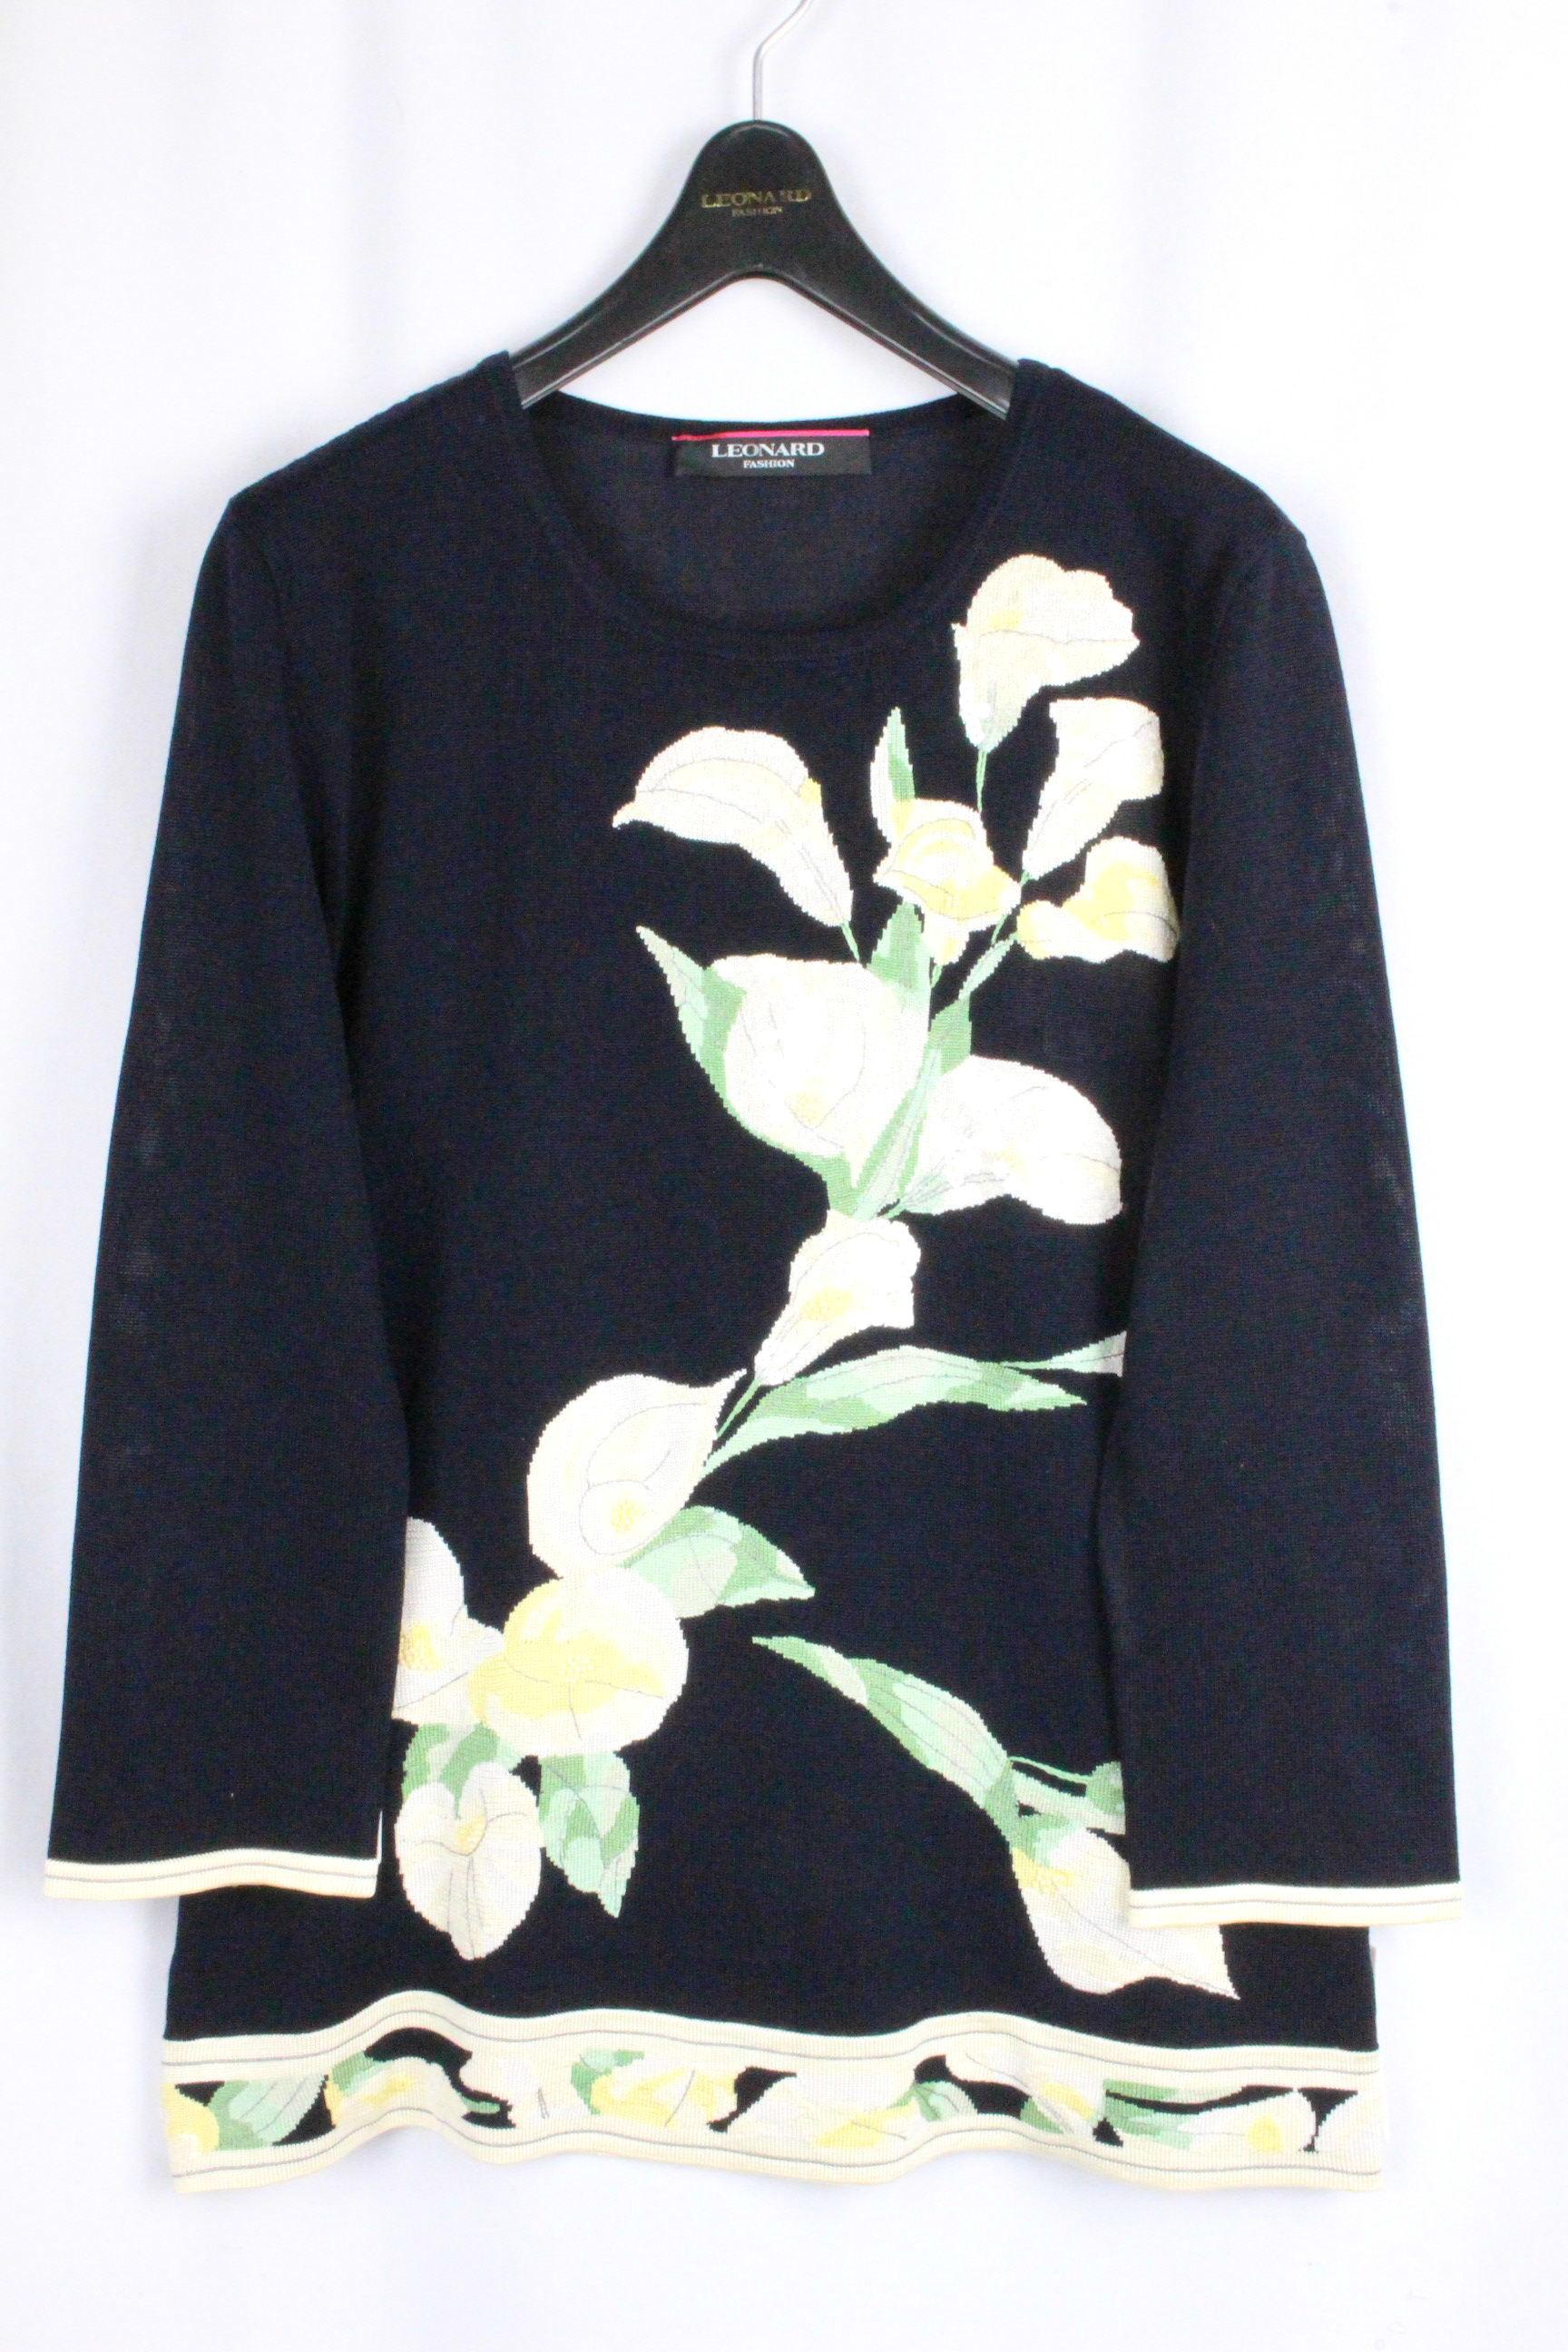 レオナール [ LEONARD ] パール スパンコール フラワー ニット ブラック 長袖 SIZE[38] レディース トップス セーター 花柄